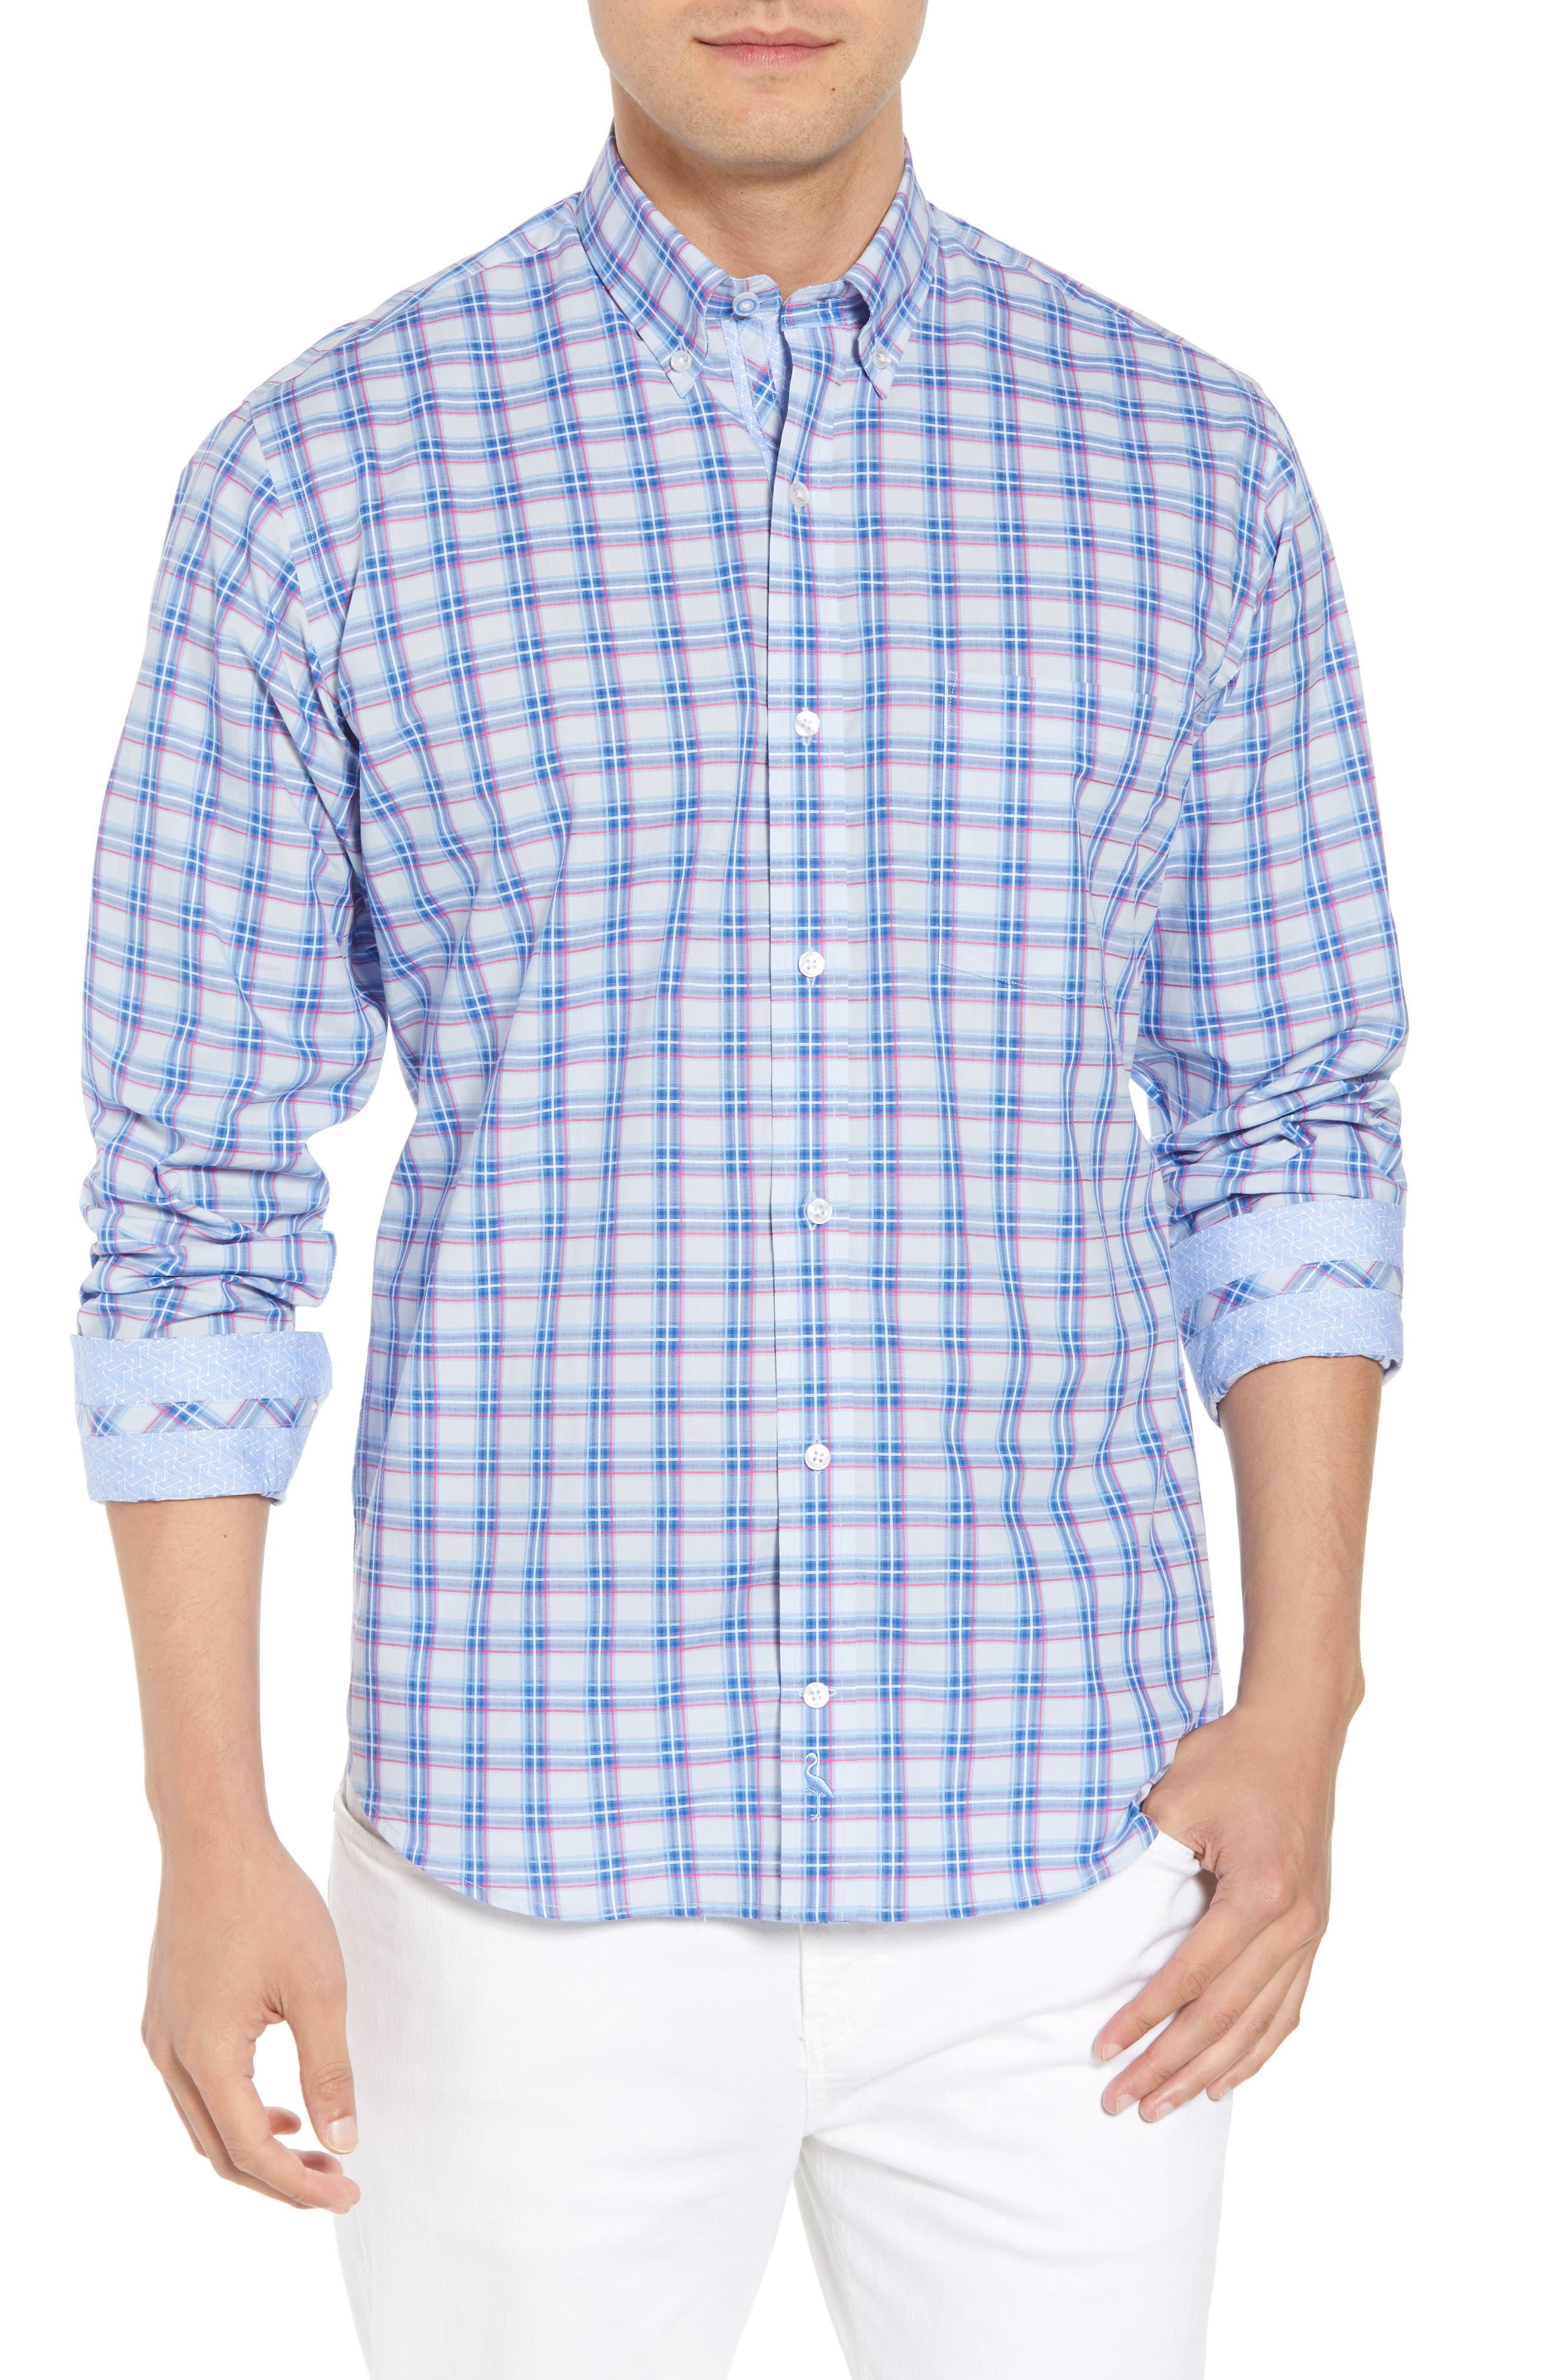 Alvaro Regular Fit Plaid Sport Shirt,                             Main thumbnail 1, color,                             Light Blue